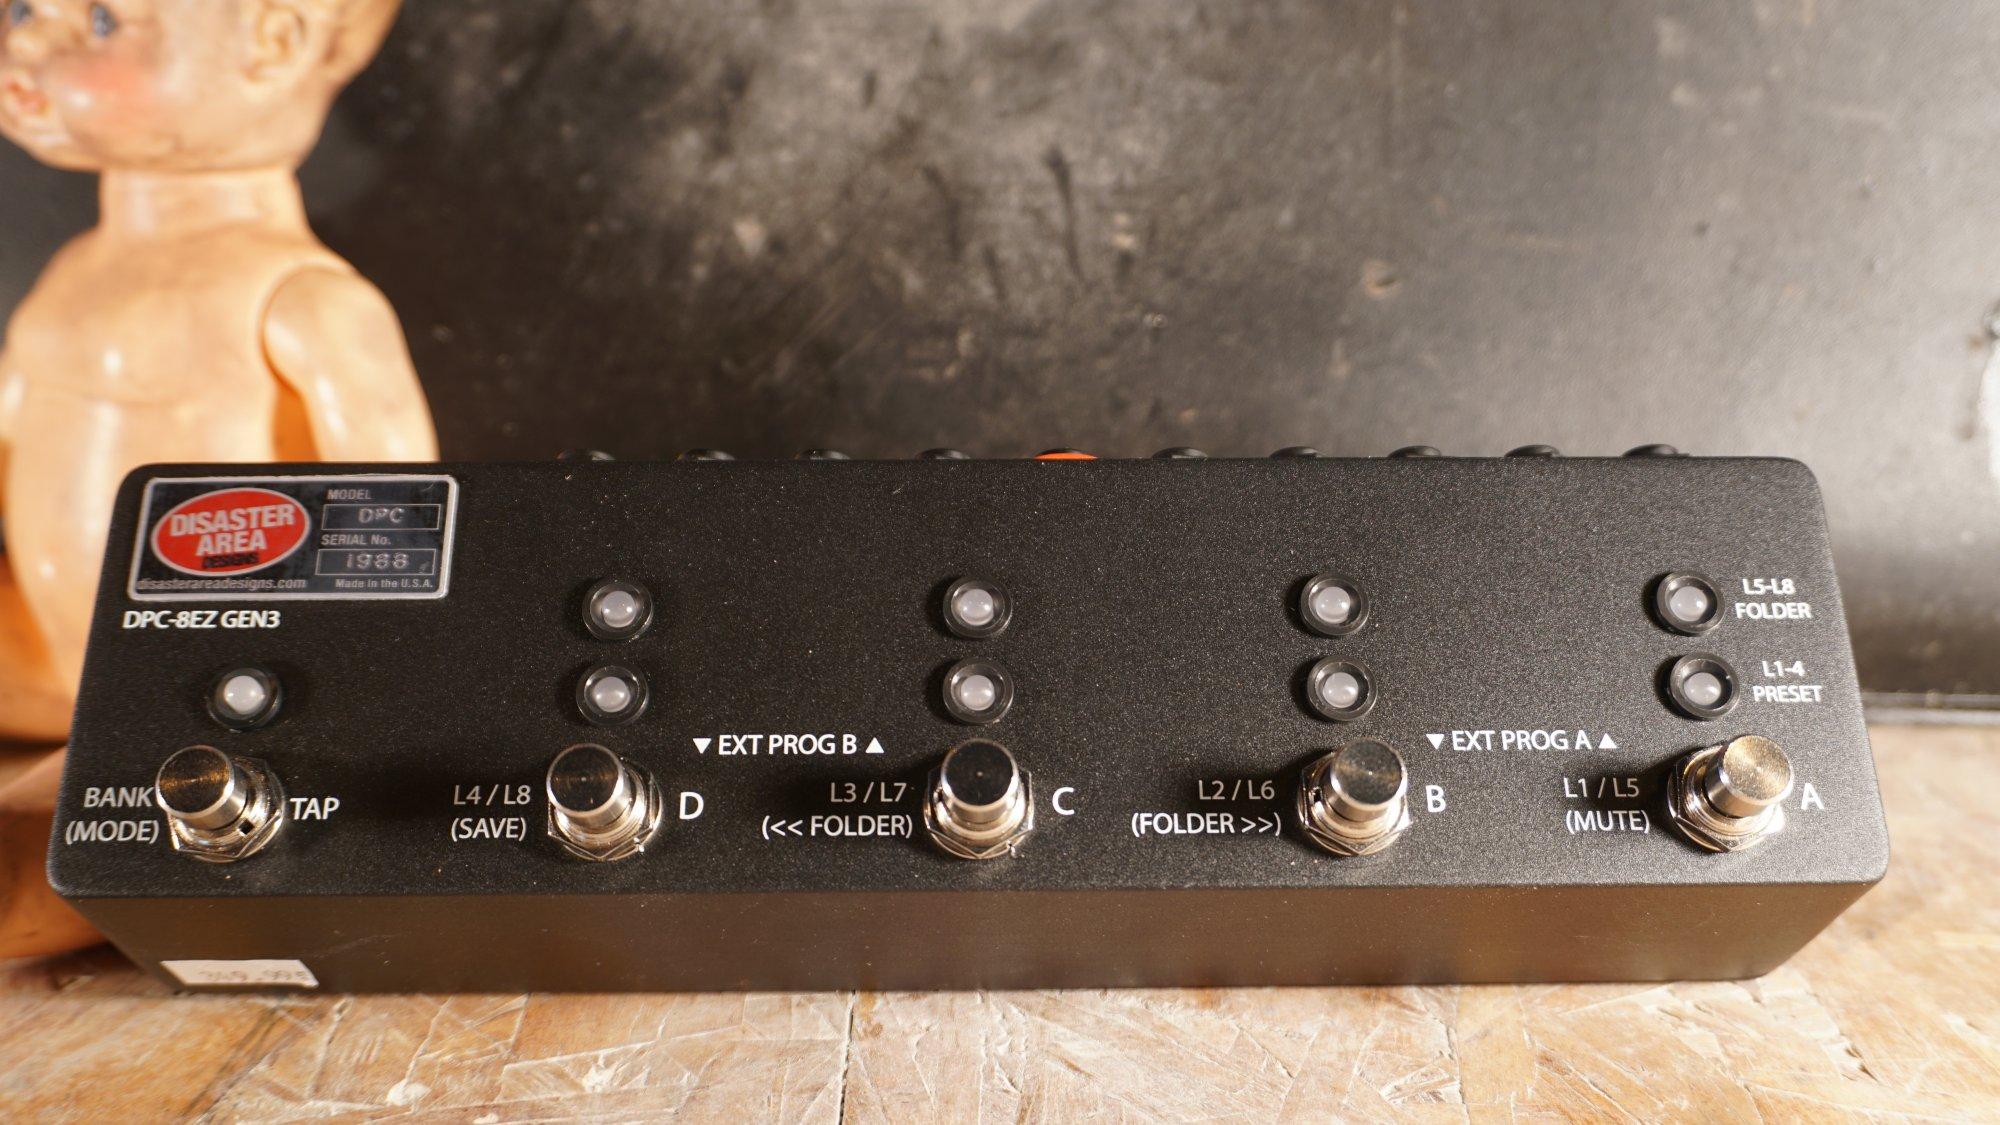 DPC-8EZ